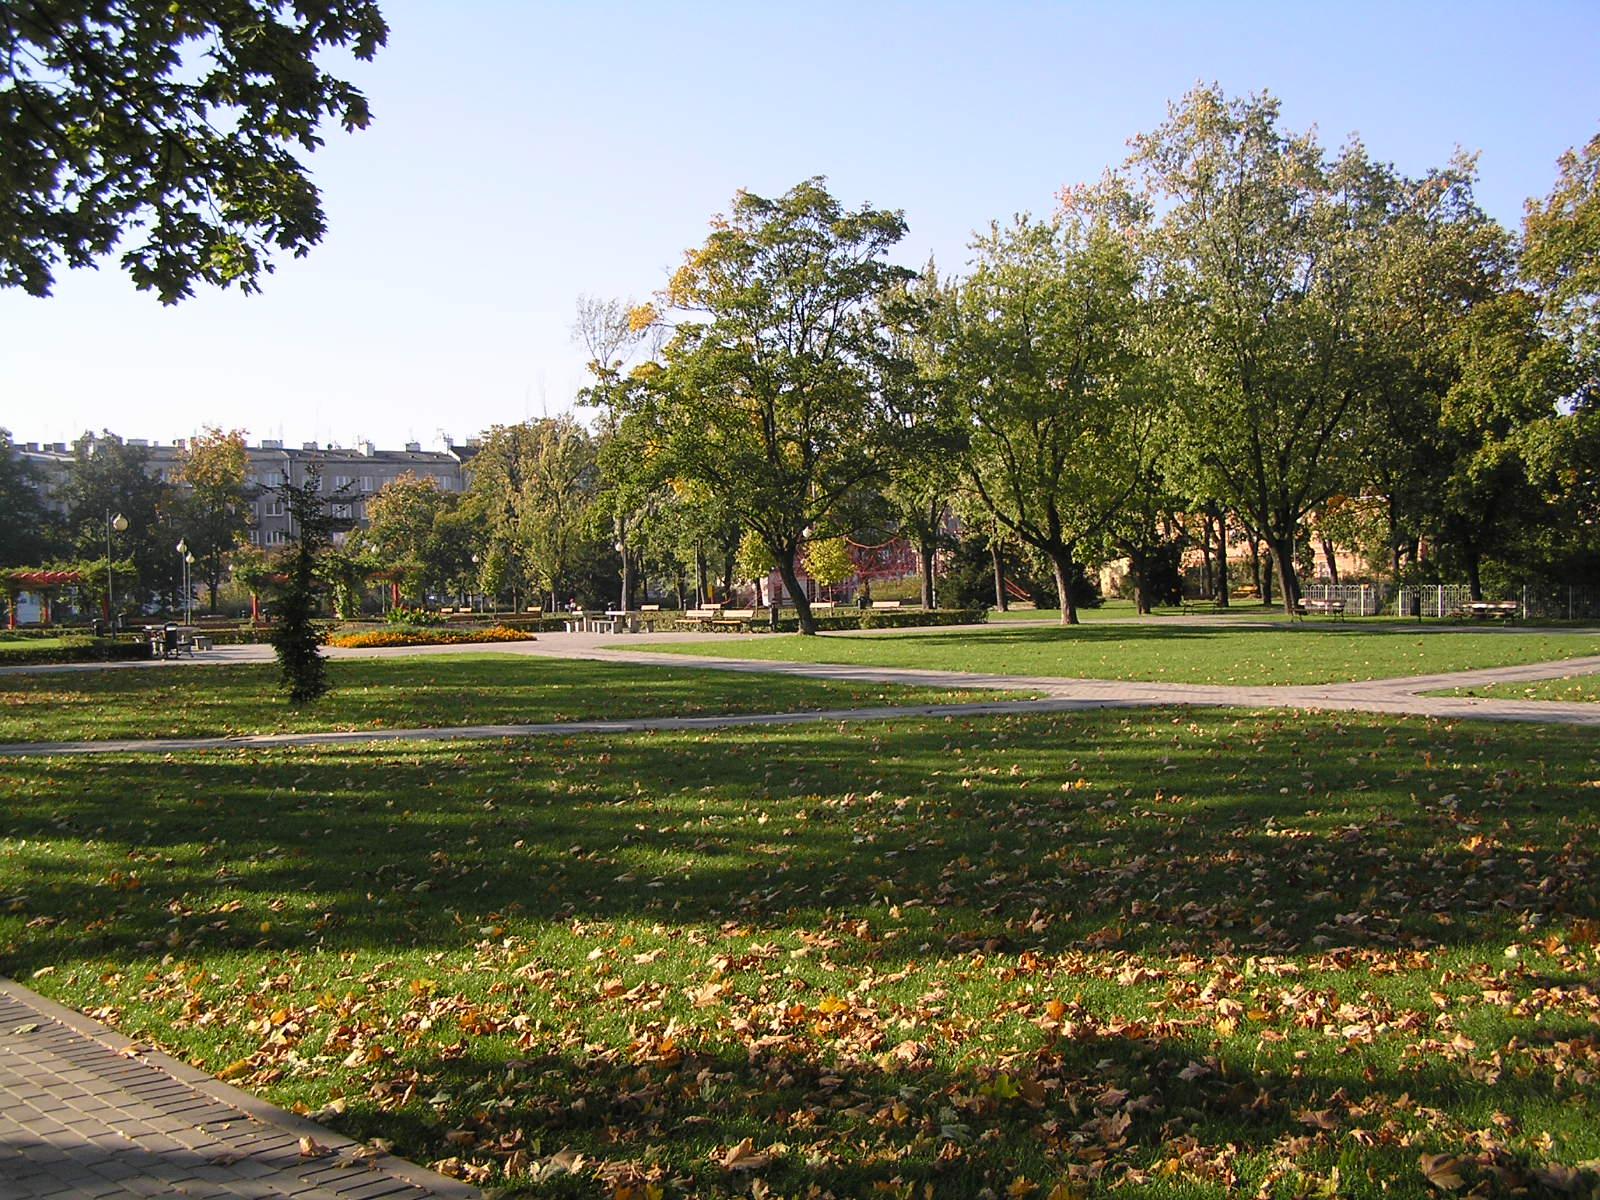 Park im. Obwodu Praga AK wypiękniał po rewitalizacji